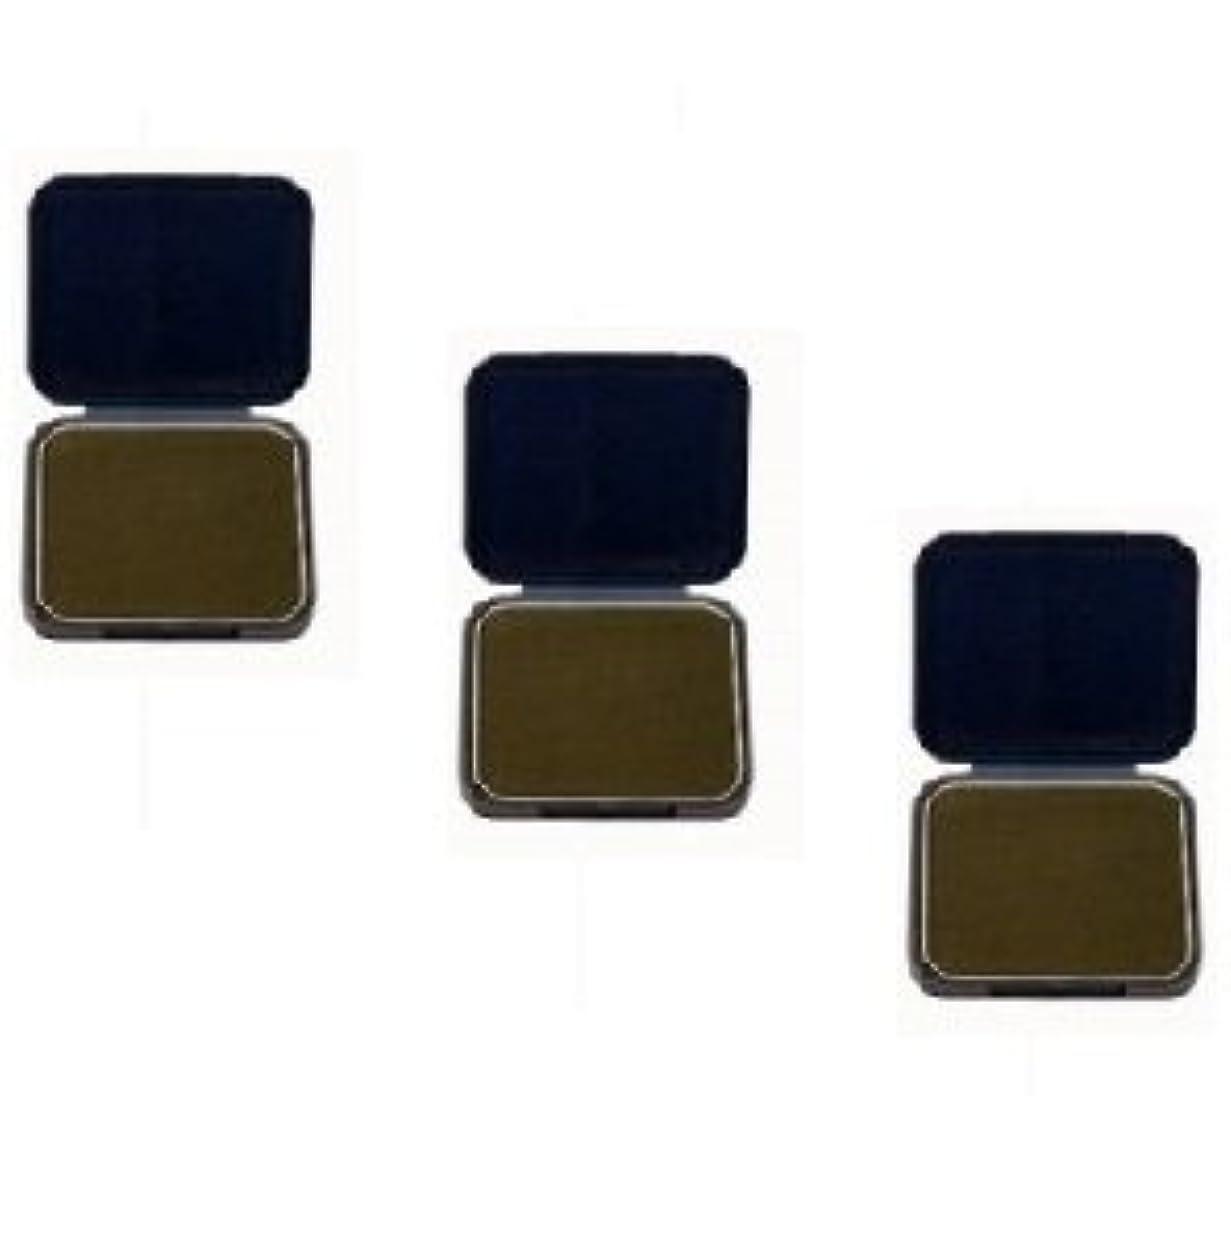 とんでもない穴トライアスロン【3個セット】 アモロス 黒彩 ヘアファンデーション 13g 栗 詰替え用レフィル